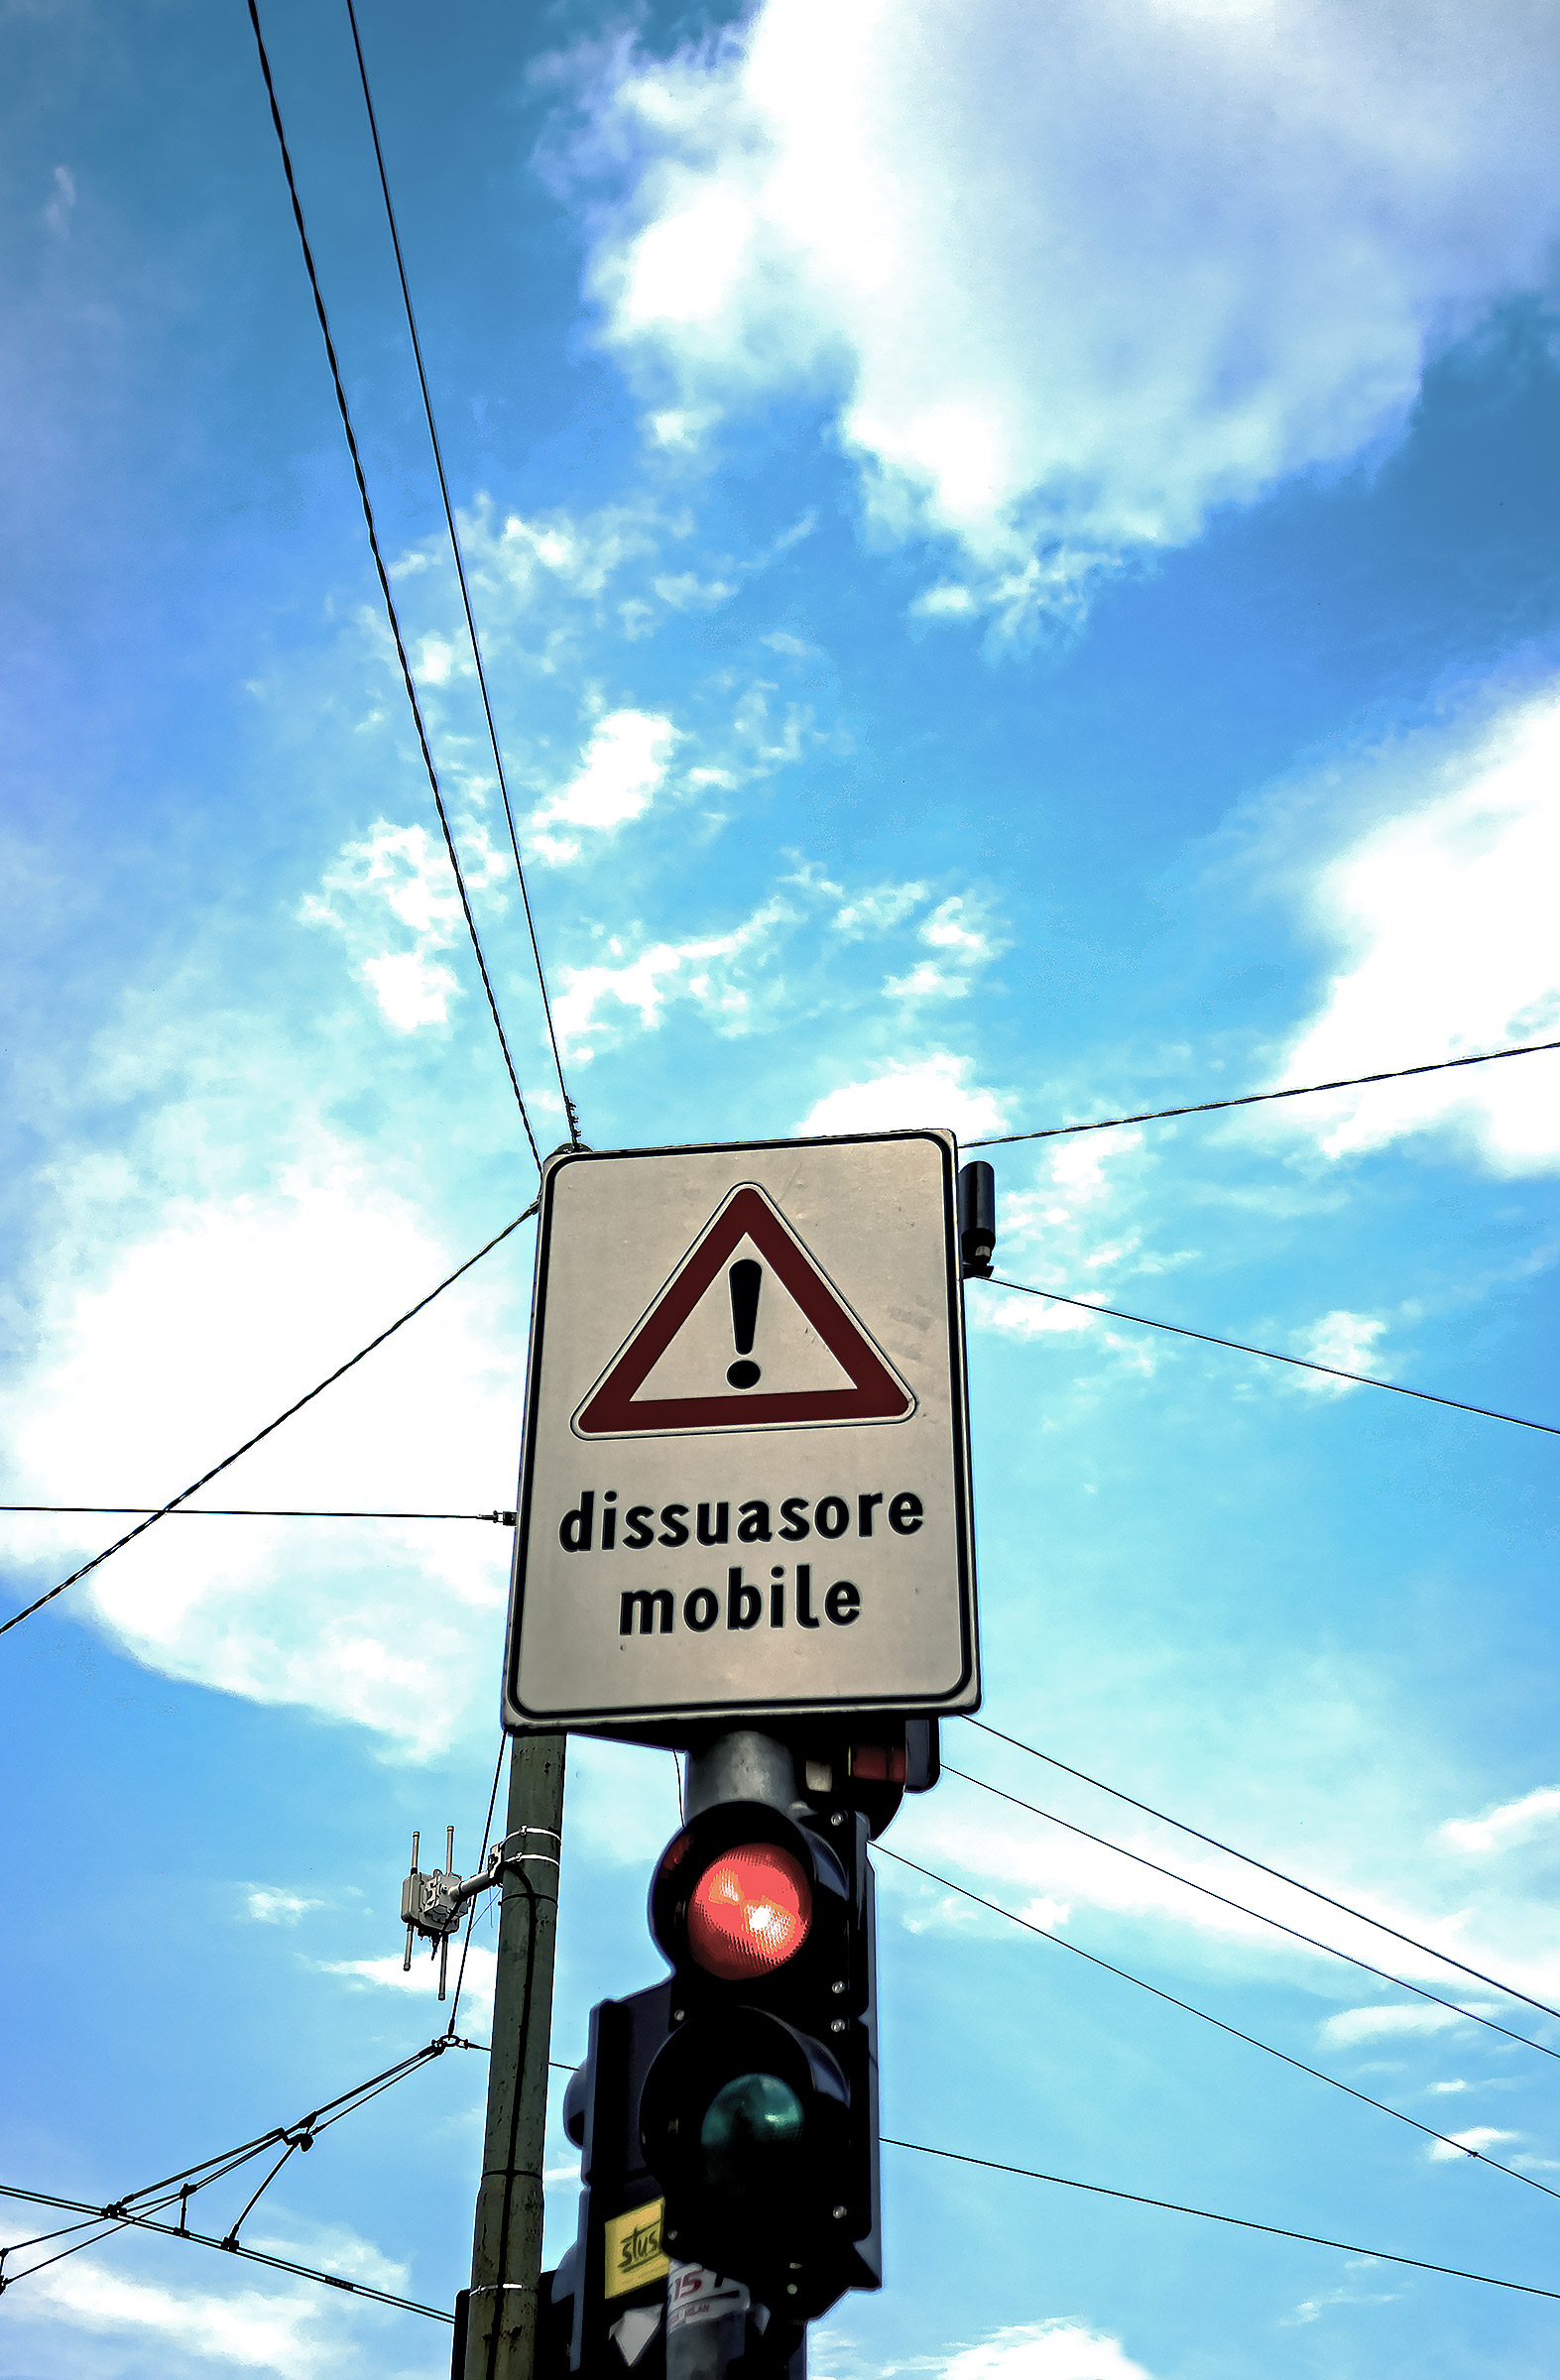 E il dissuasore mobile non ci dissuase......